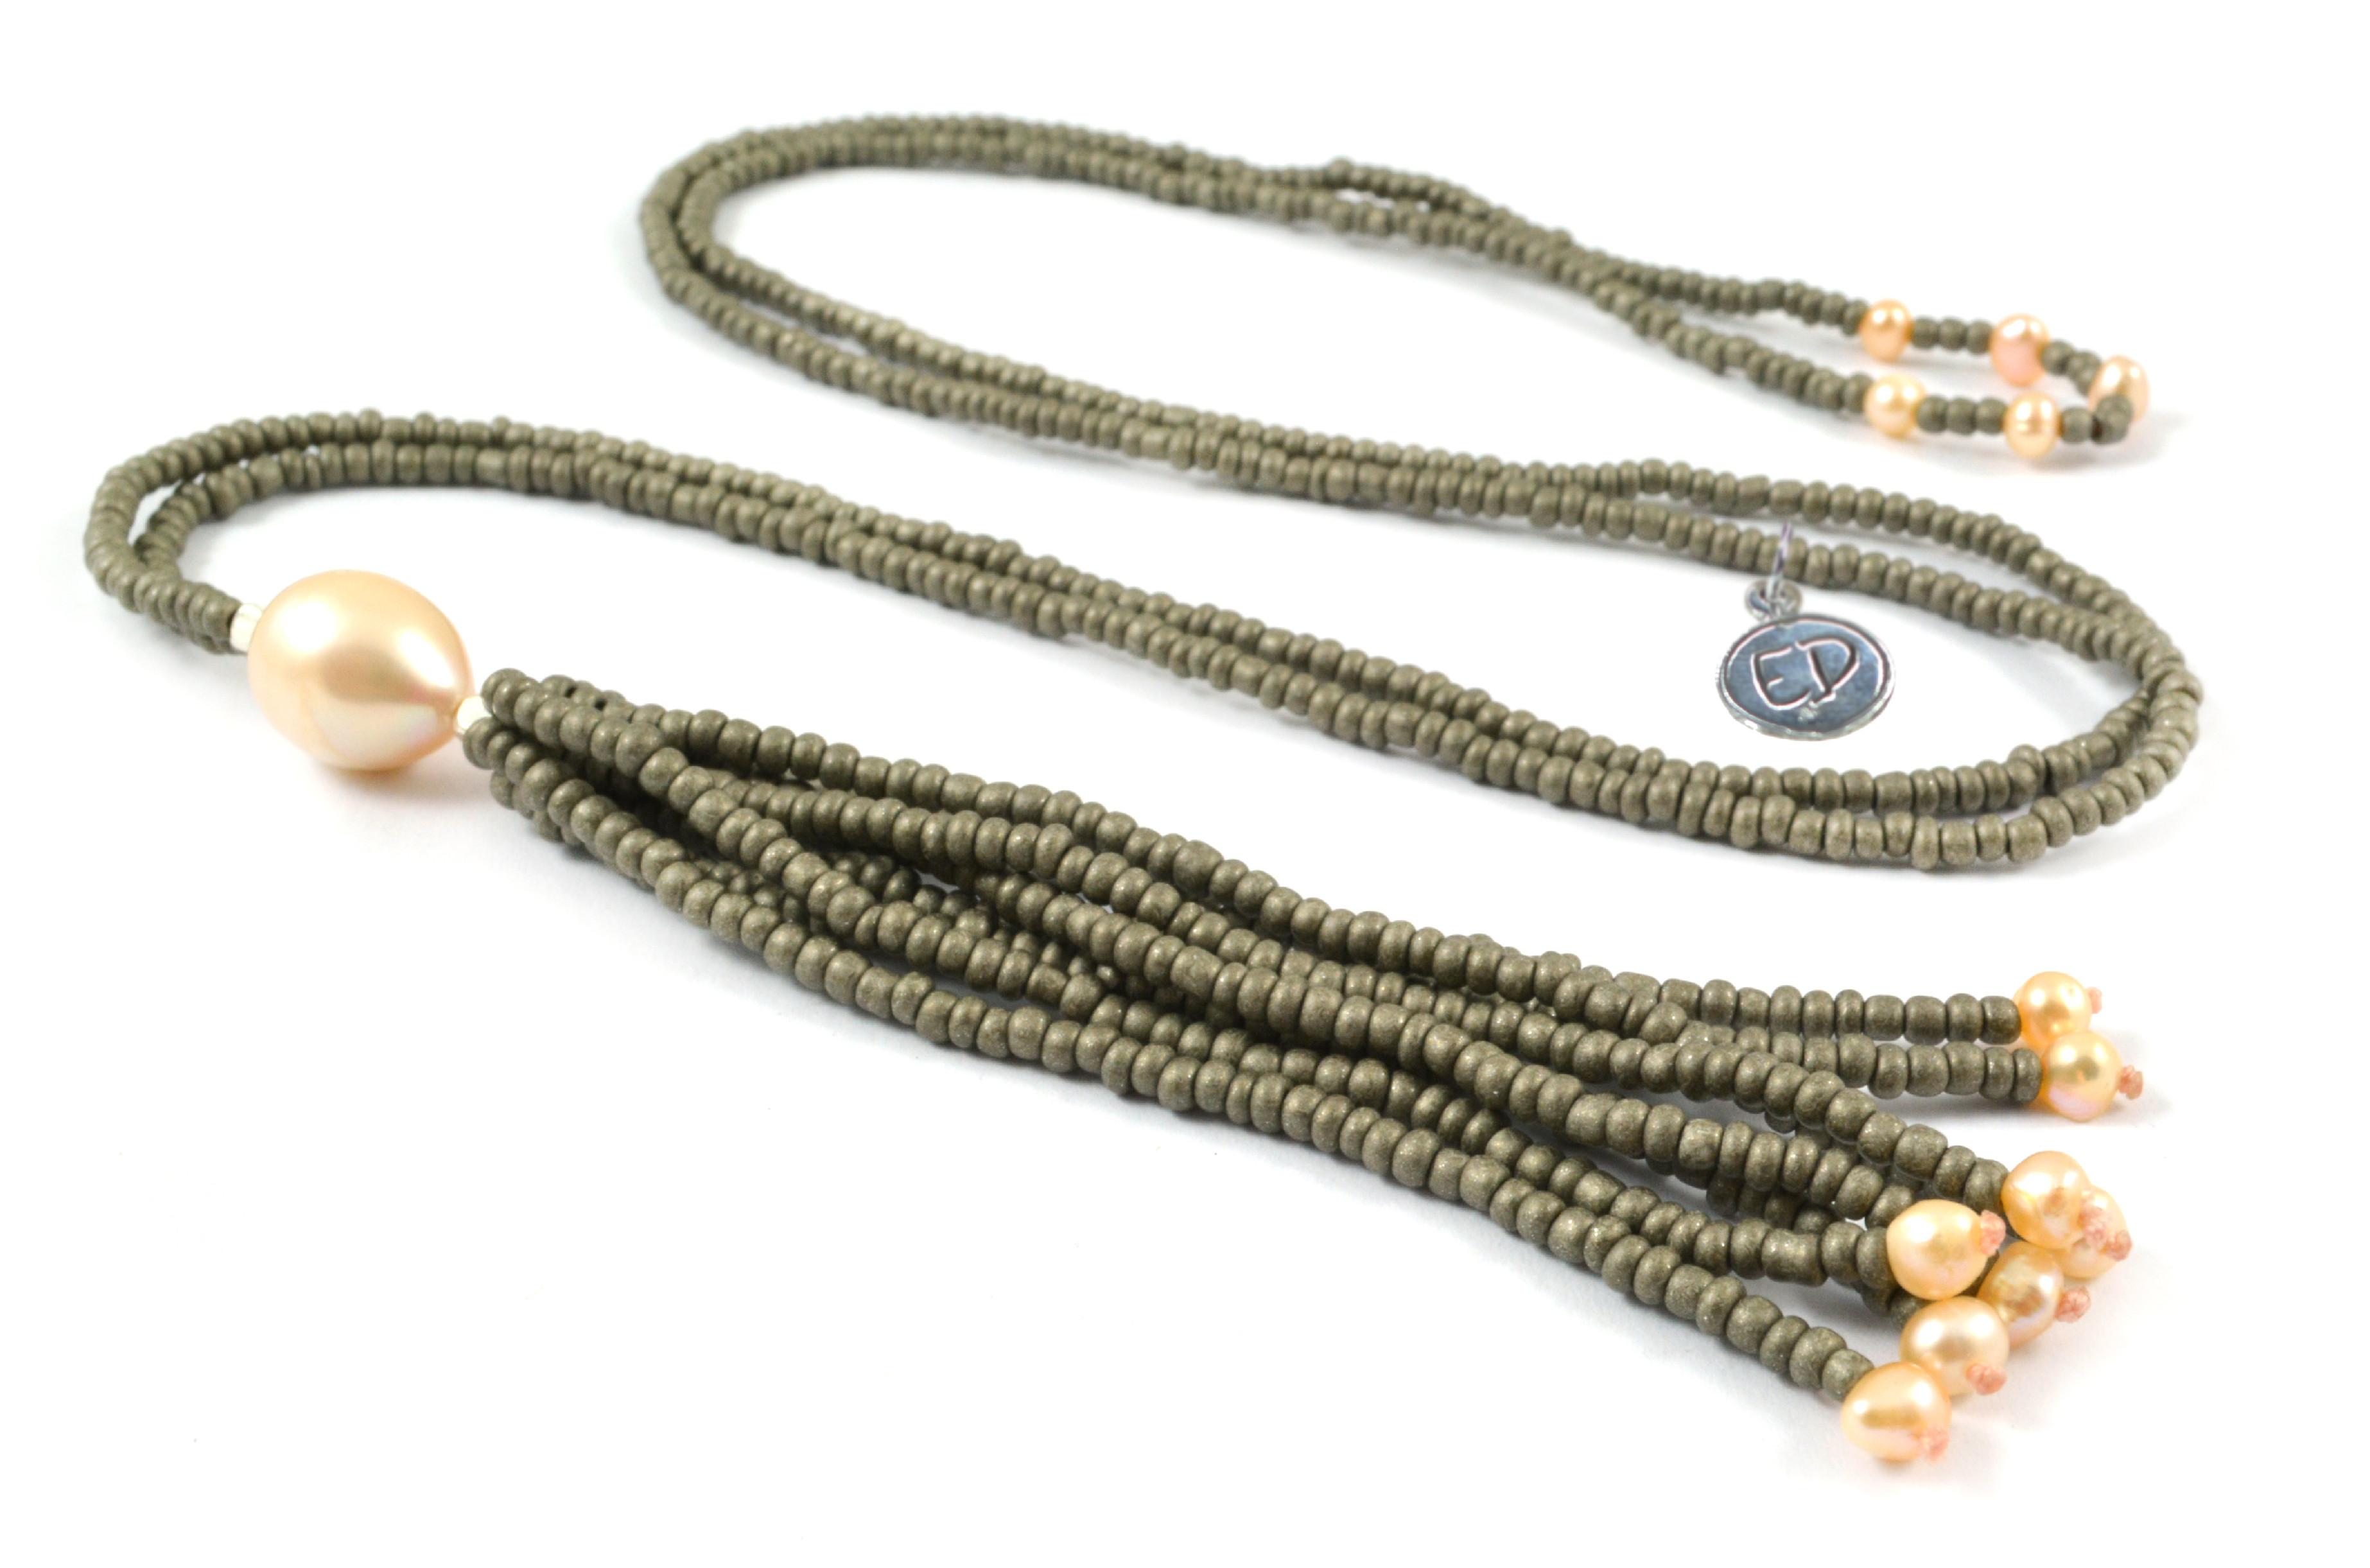 Dámsky korálkový náhrdelník z japonského rokajlu a perál - hnedý